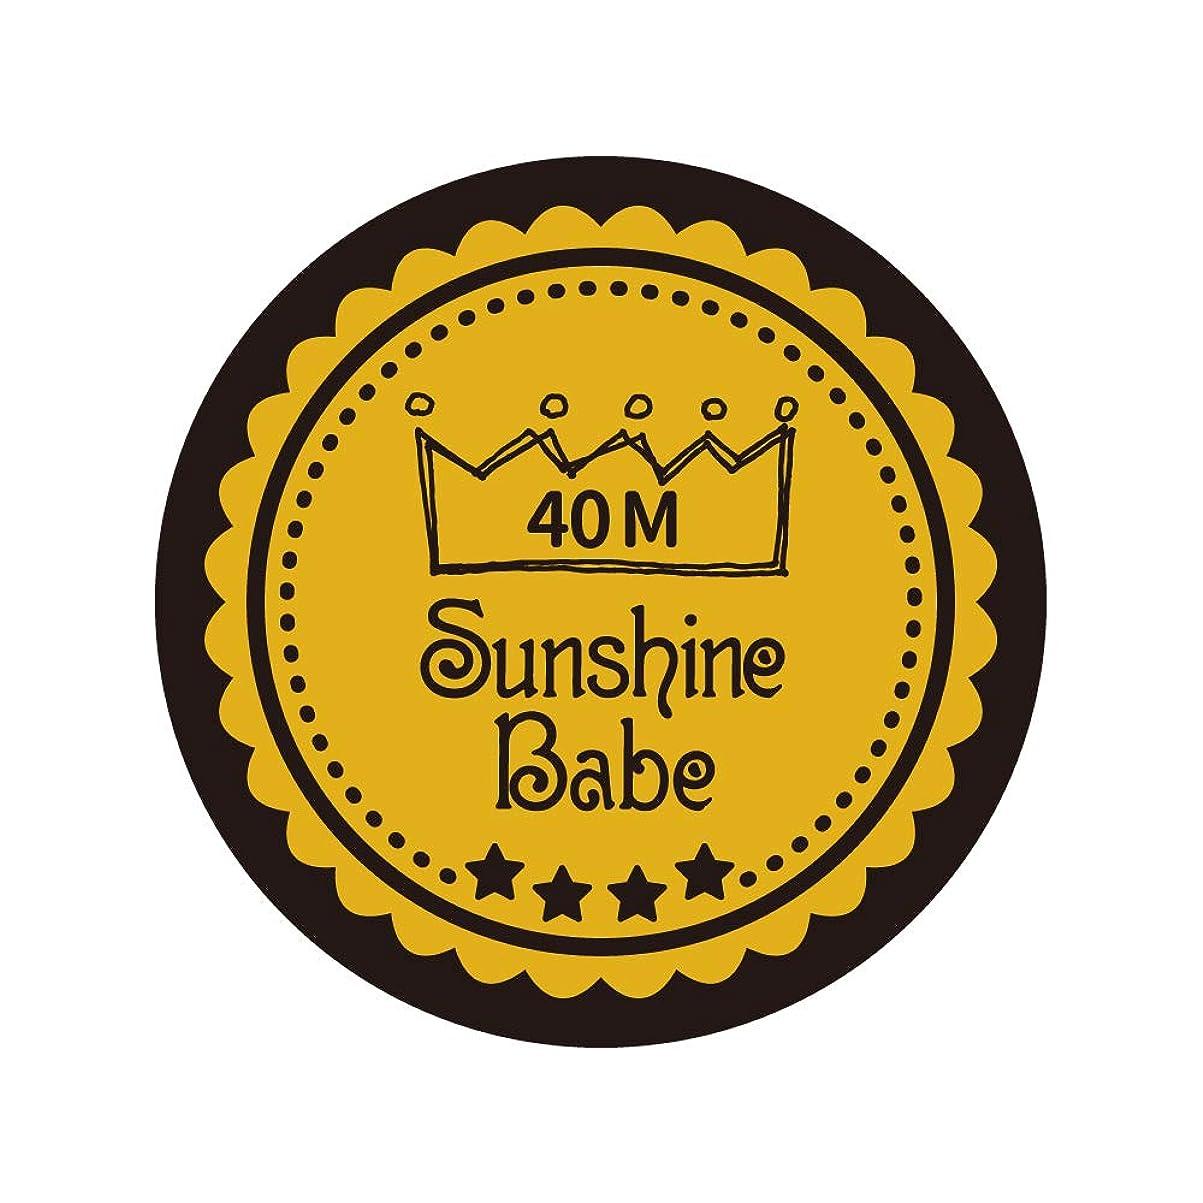 ほめる直接領収書Sunshine Babe カラージェル 40M セイロンイエロー 4g UV/LED対応